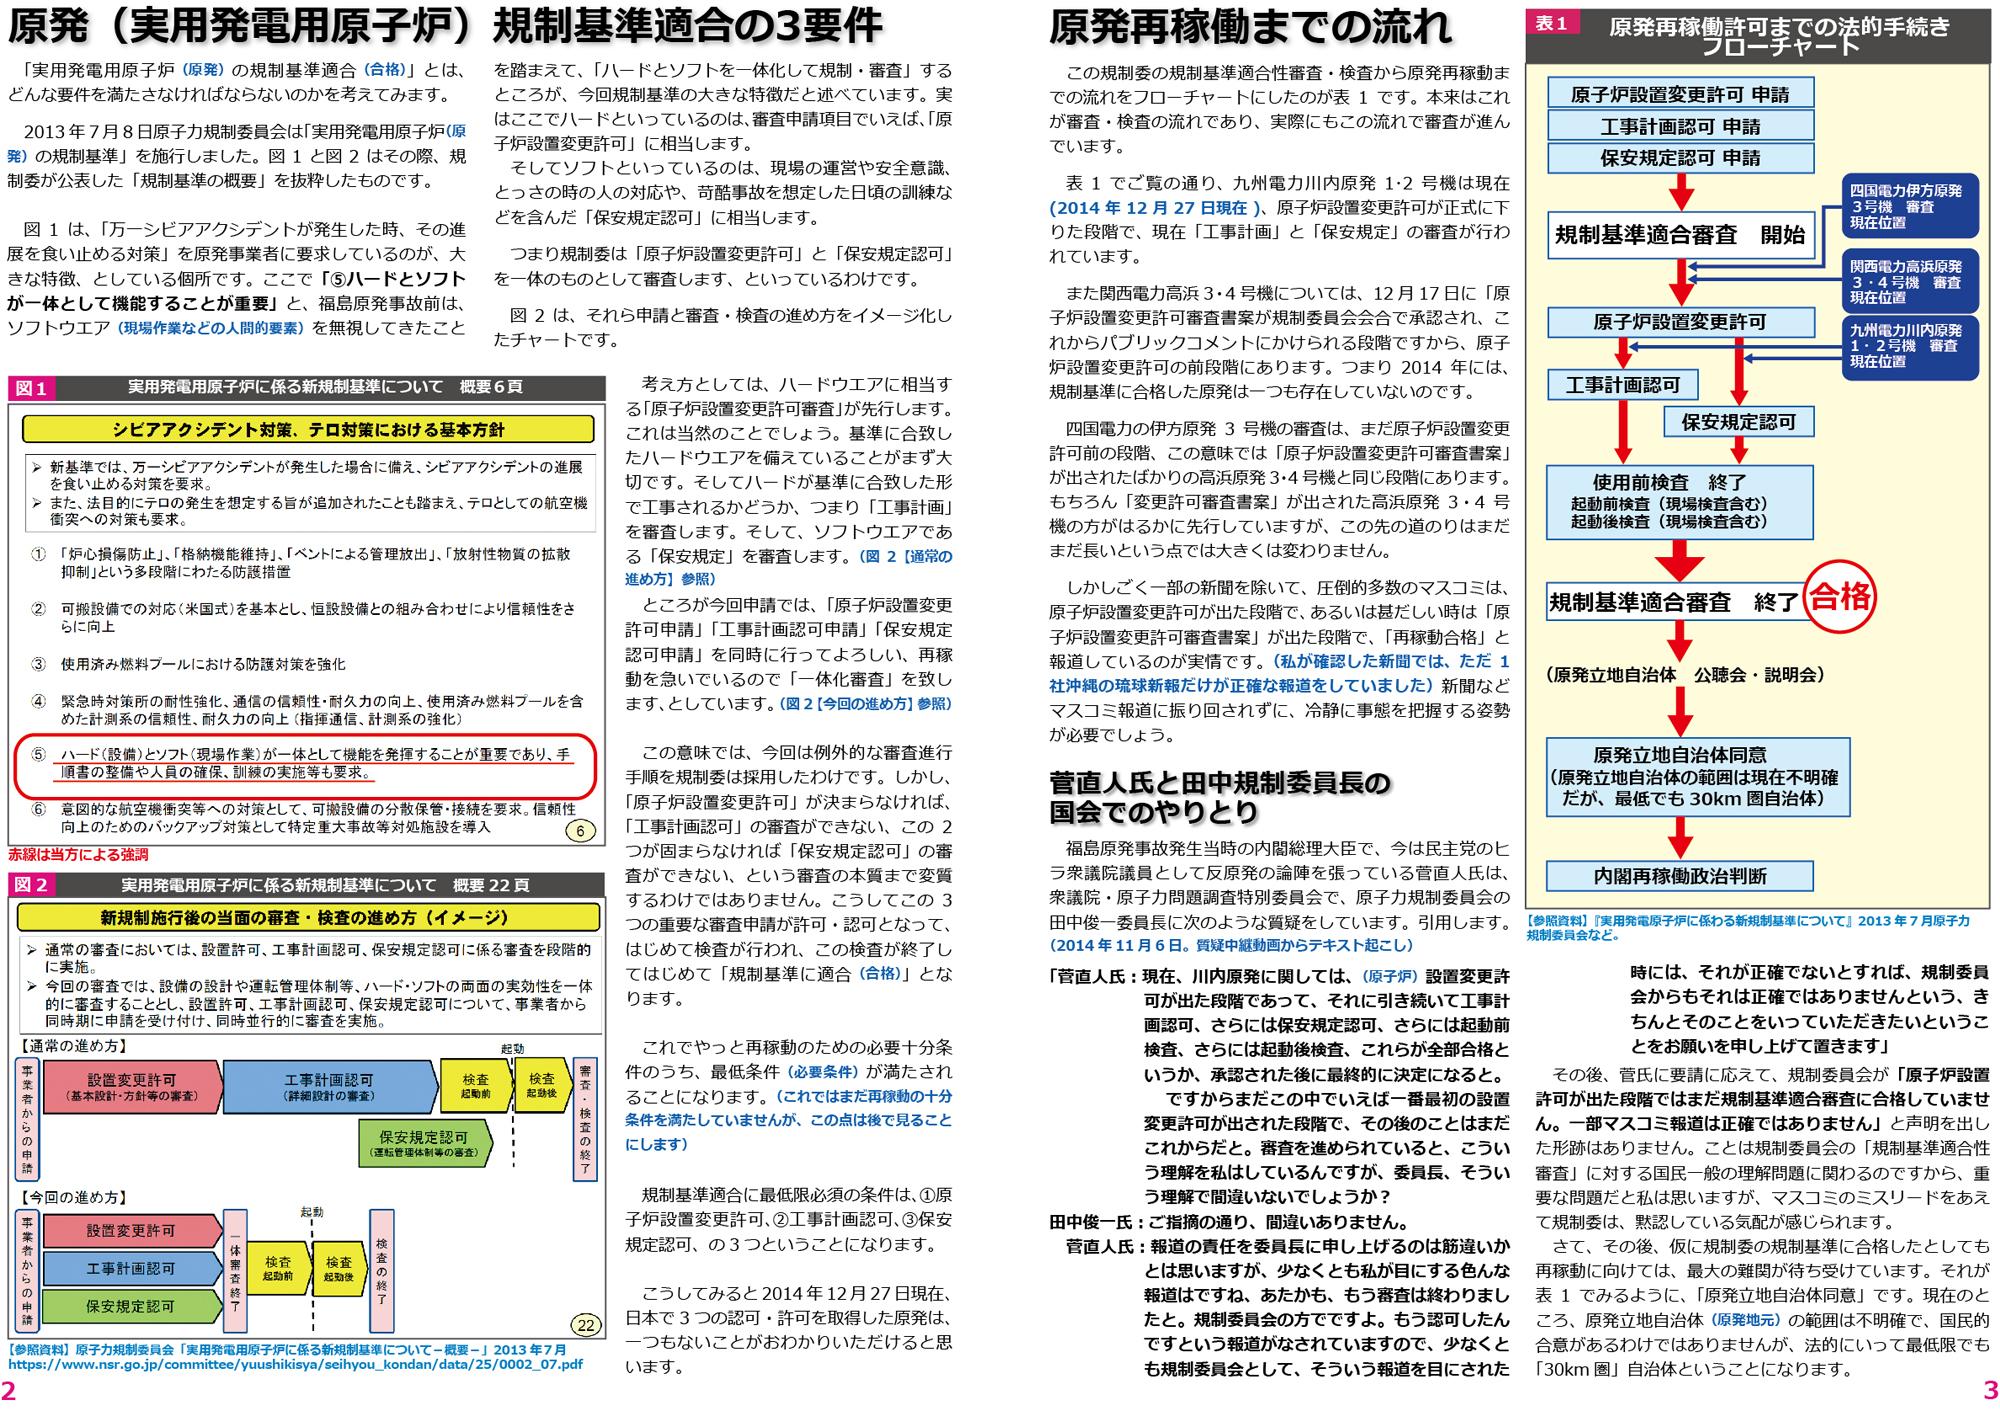 ファイル 94-2.jpg